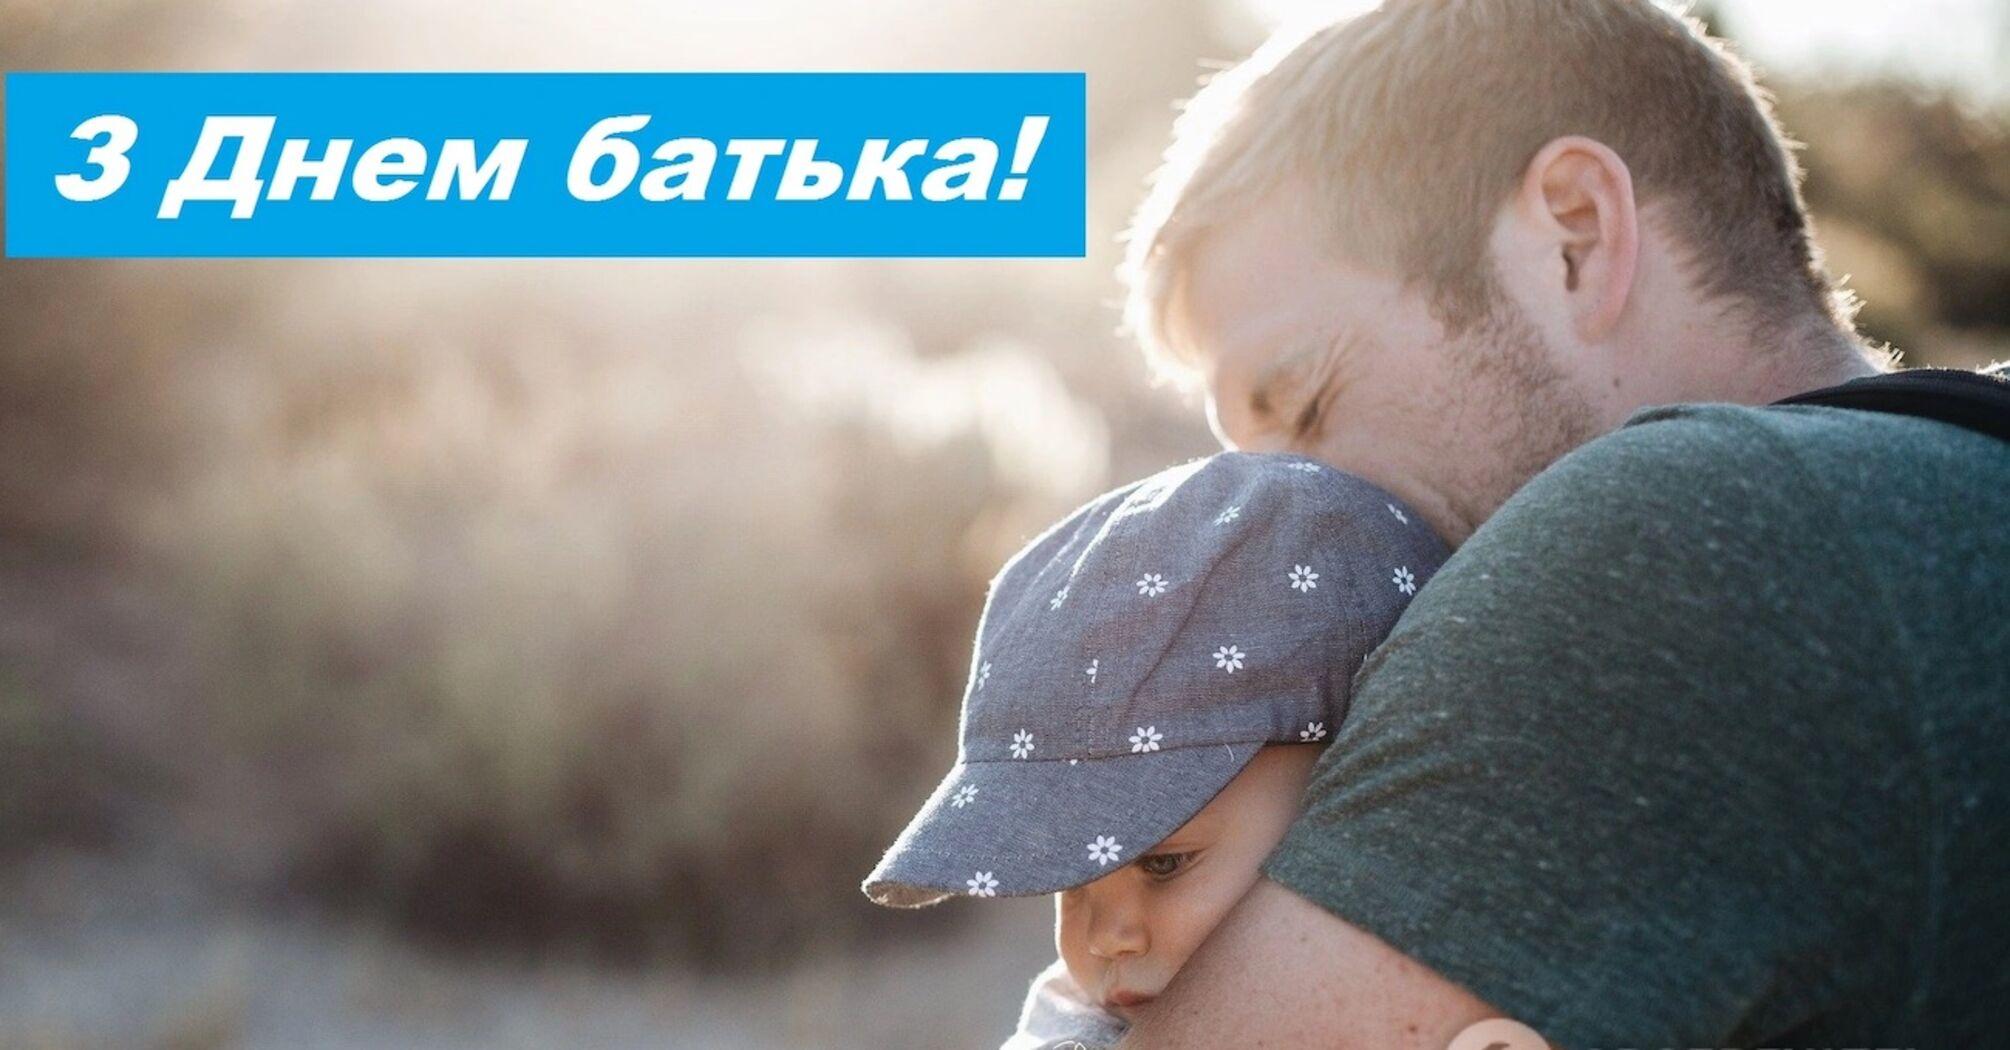 День батька в Україна 2020: історія свята і як відзначити